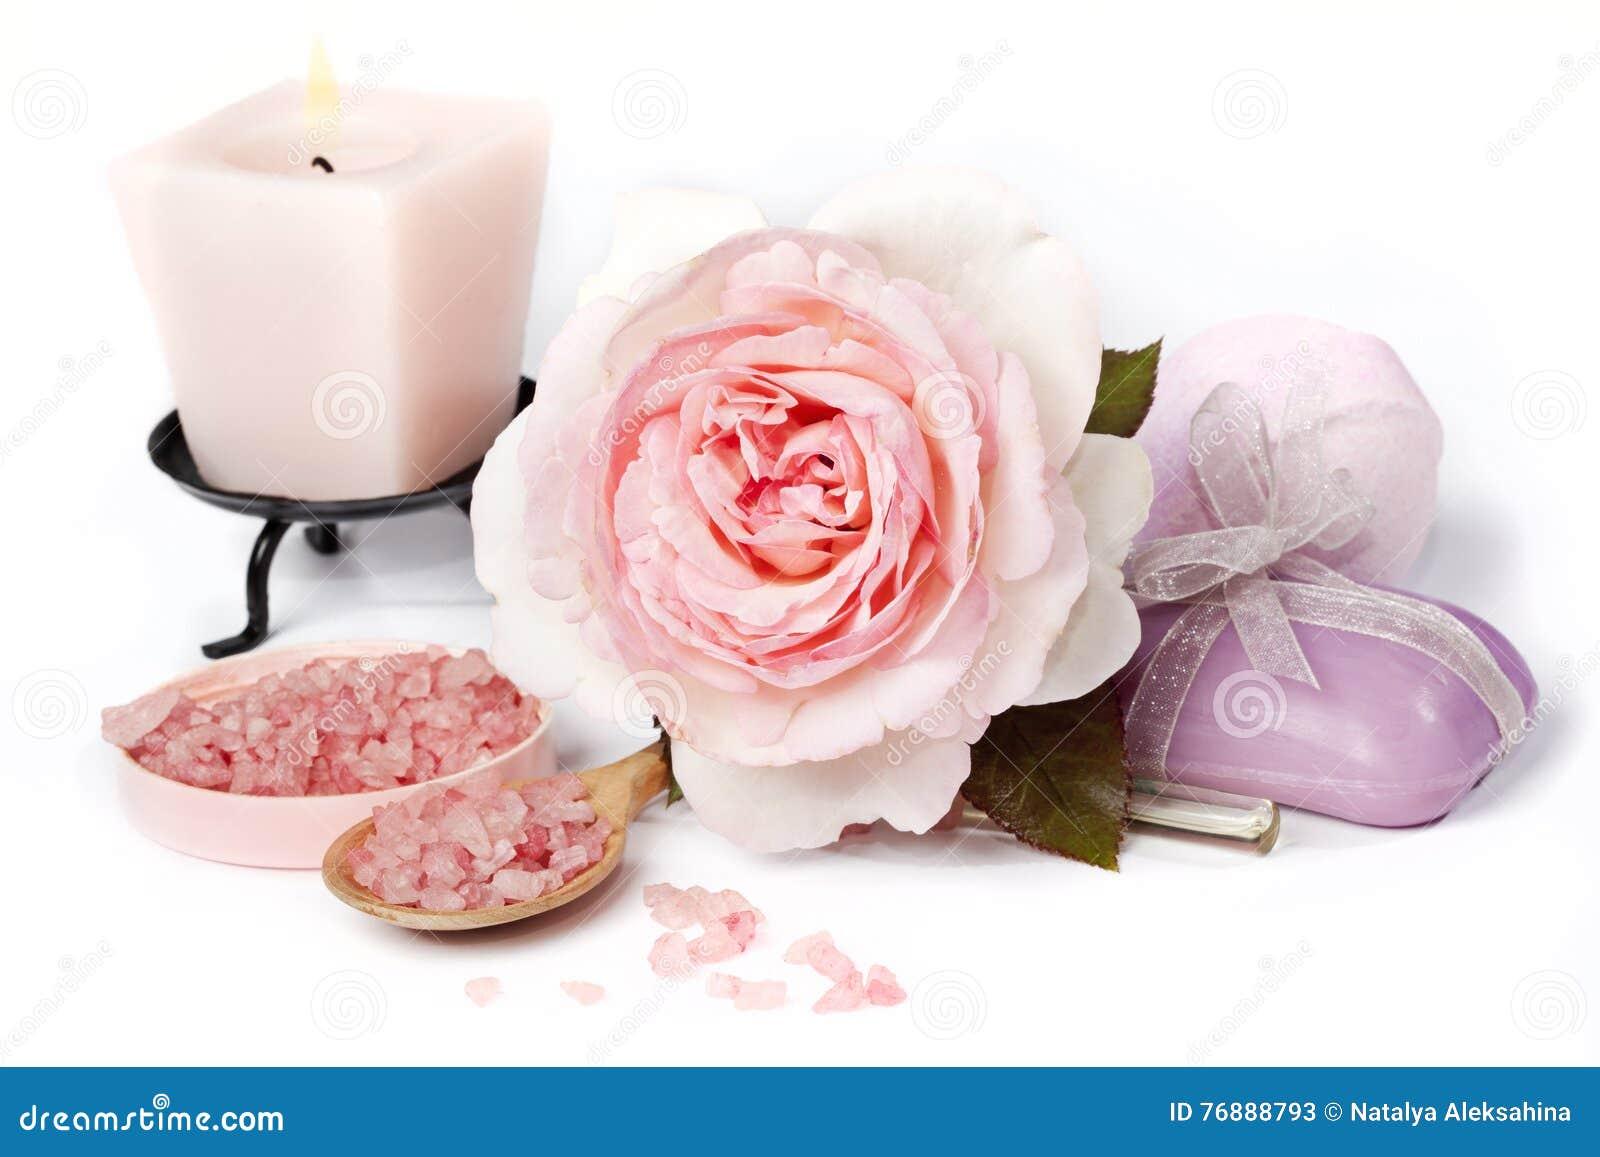 Rosa di rosa con sale da bagno e la candela immagine stock immagine 76888793 - Bagno con sale grosso ...